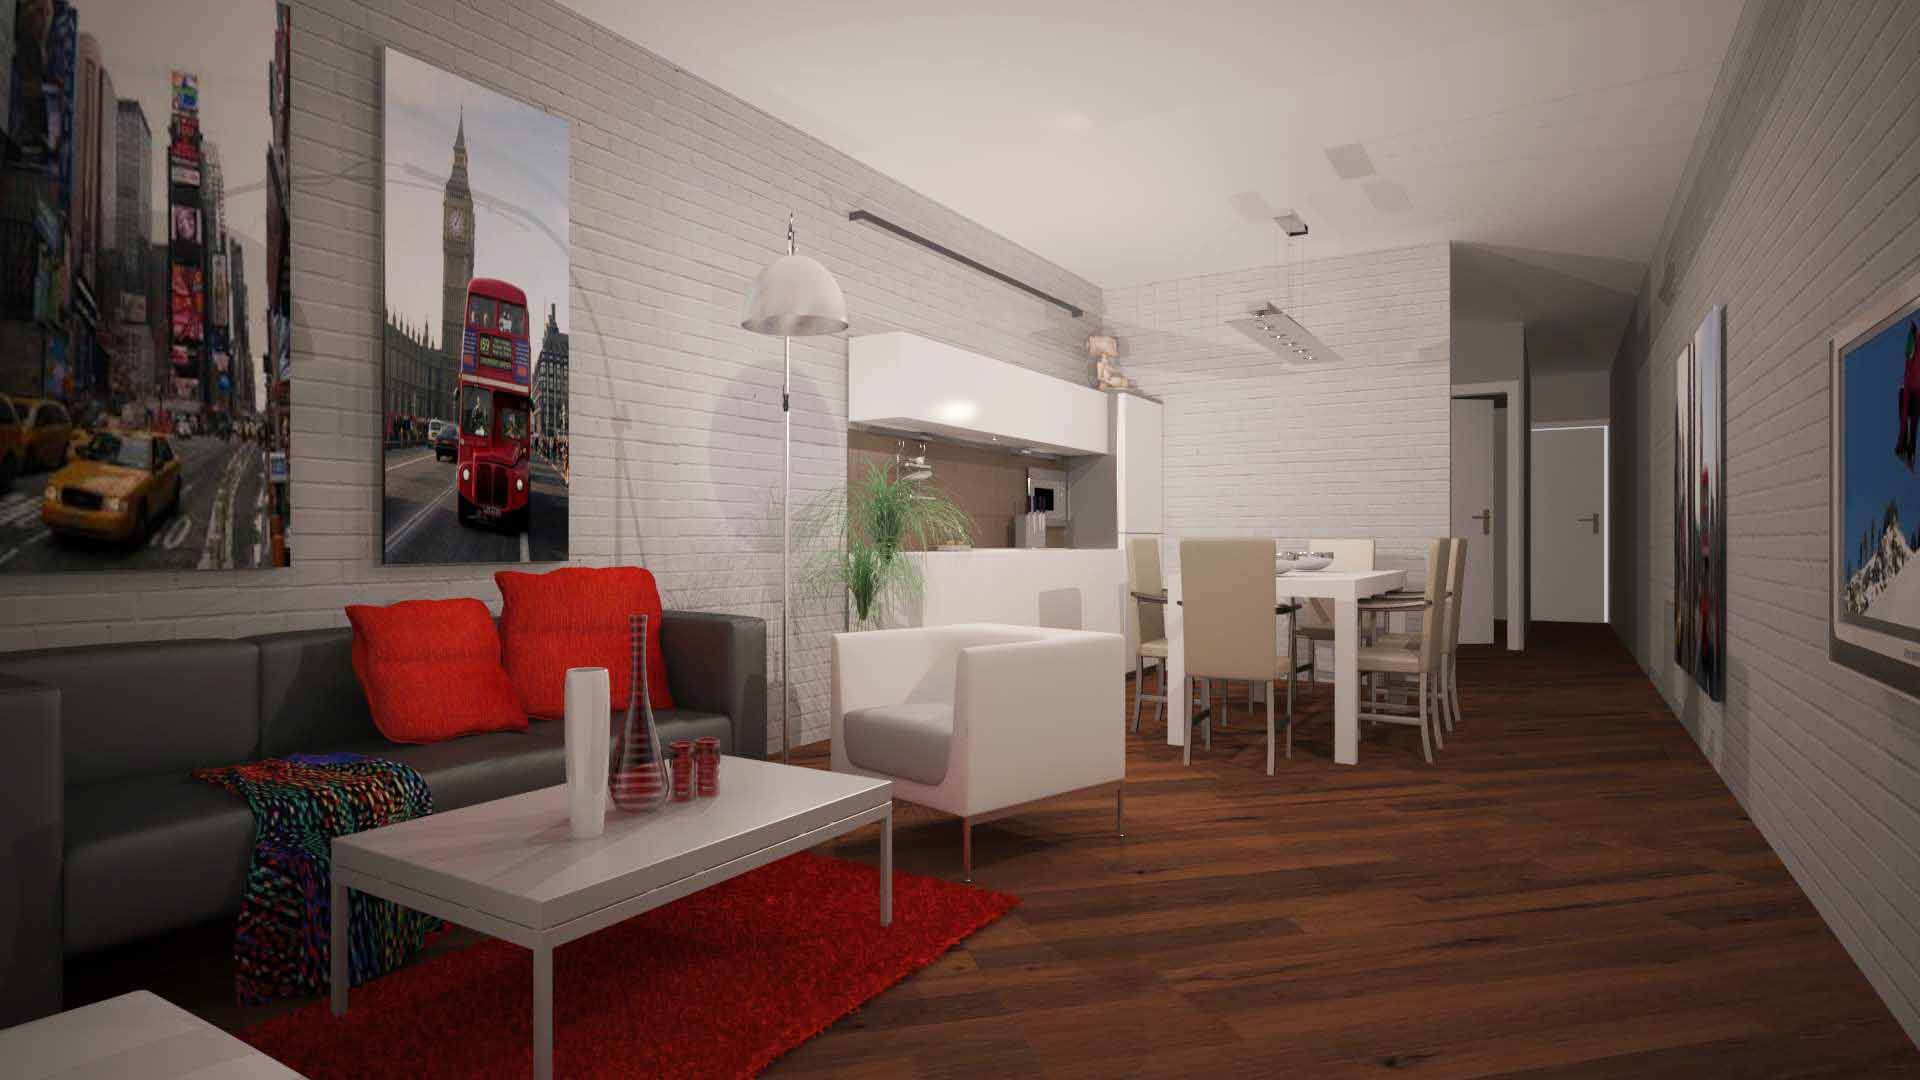 Decorador de interiores dise adora 3d en badajoz for Decorador de interiores